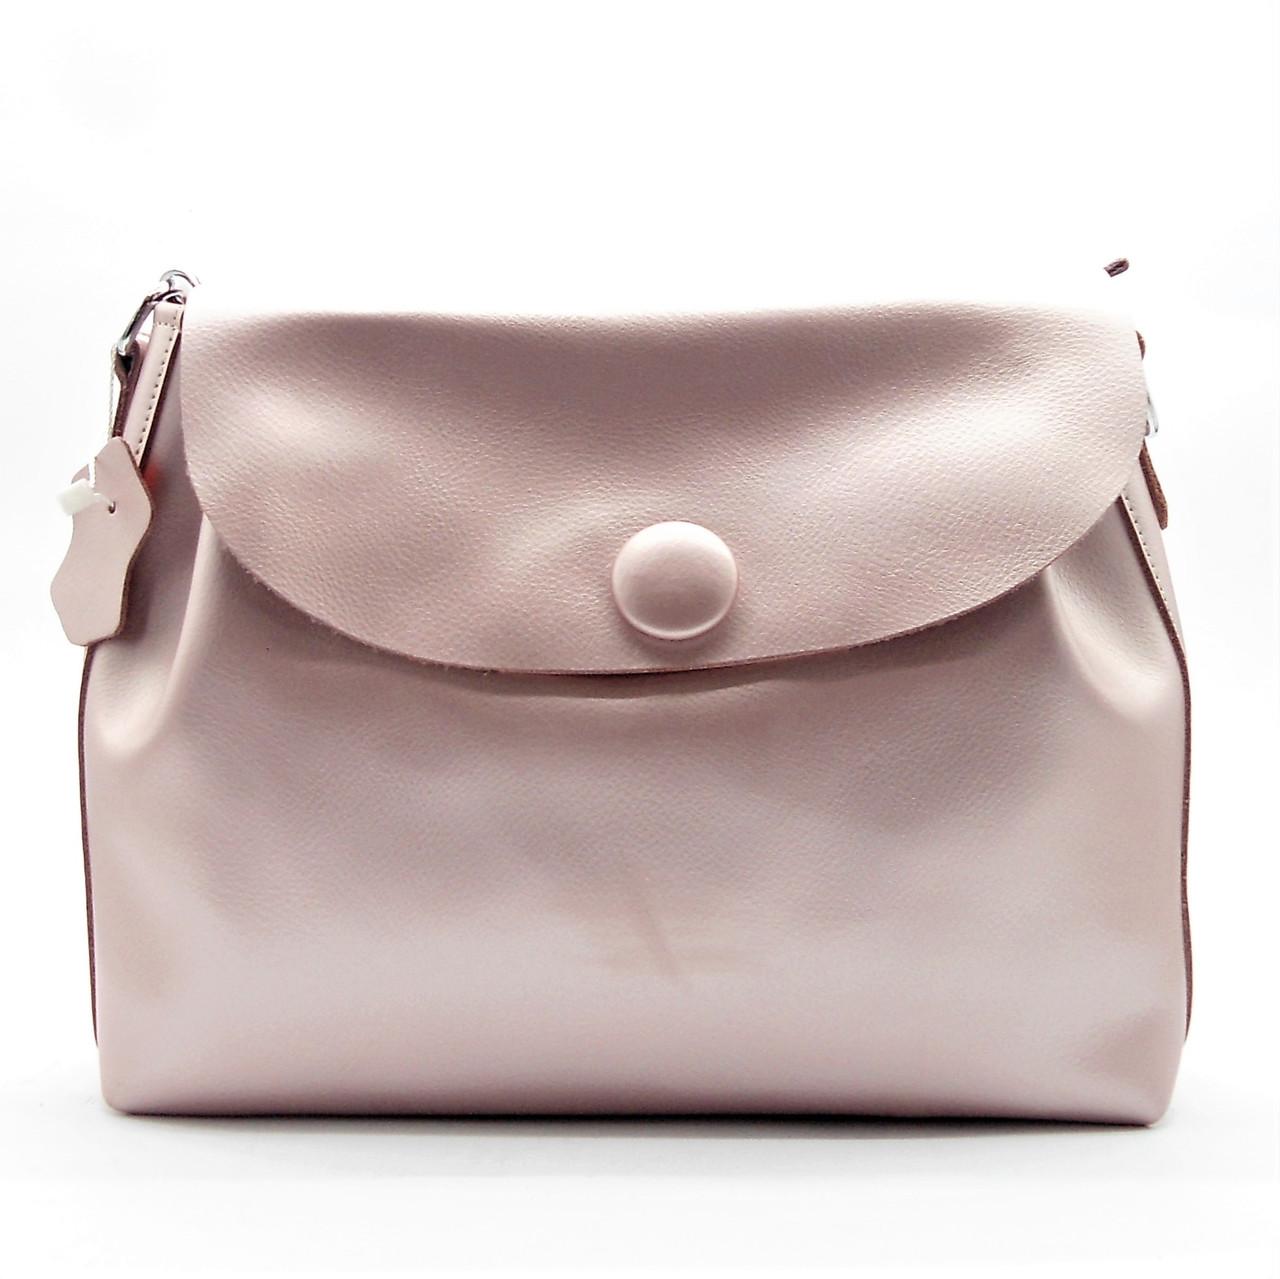 1e947607d723 Женская сумочка из натуральной кожи с пуговицей розового цвета GIM-060340  (большая) -